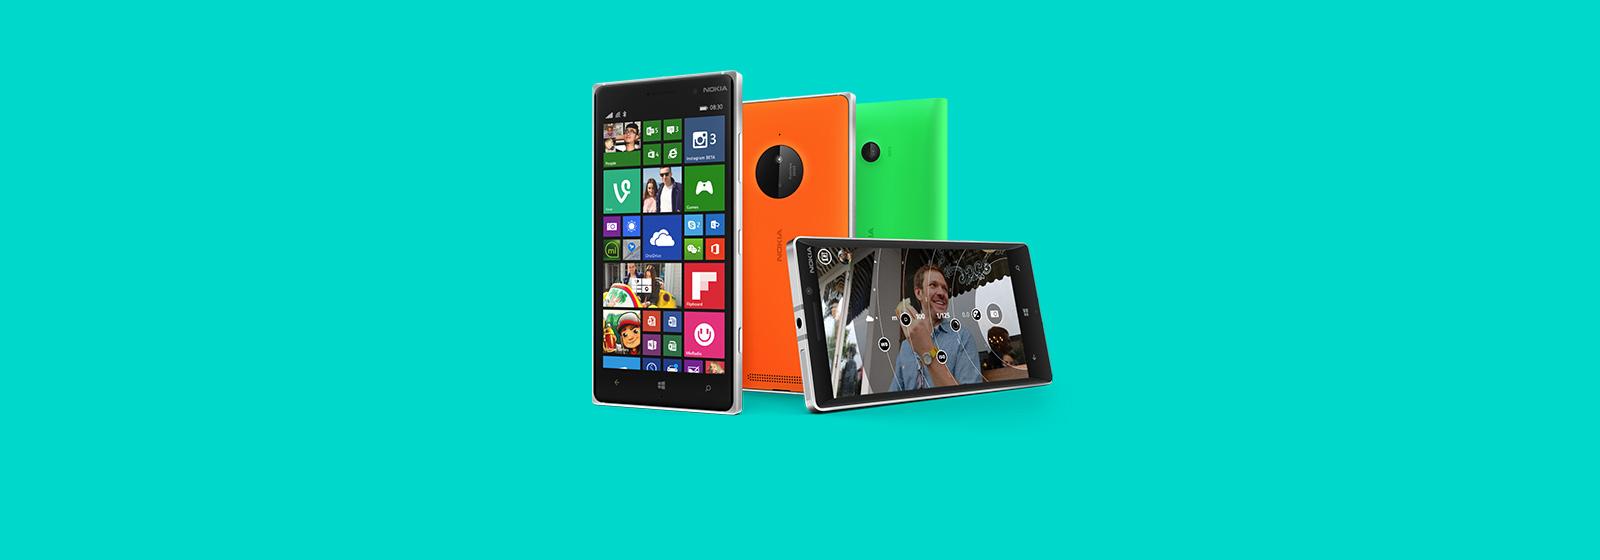 Iskoristite još više svoj pametni telefon. Saznajte više o uređajima Lumia.